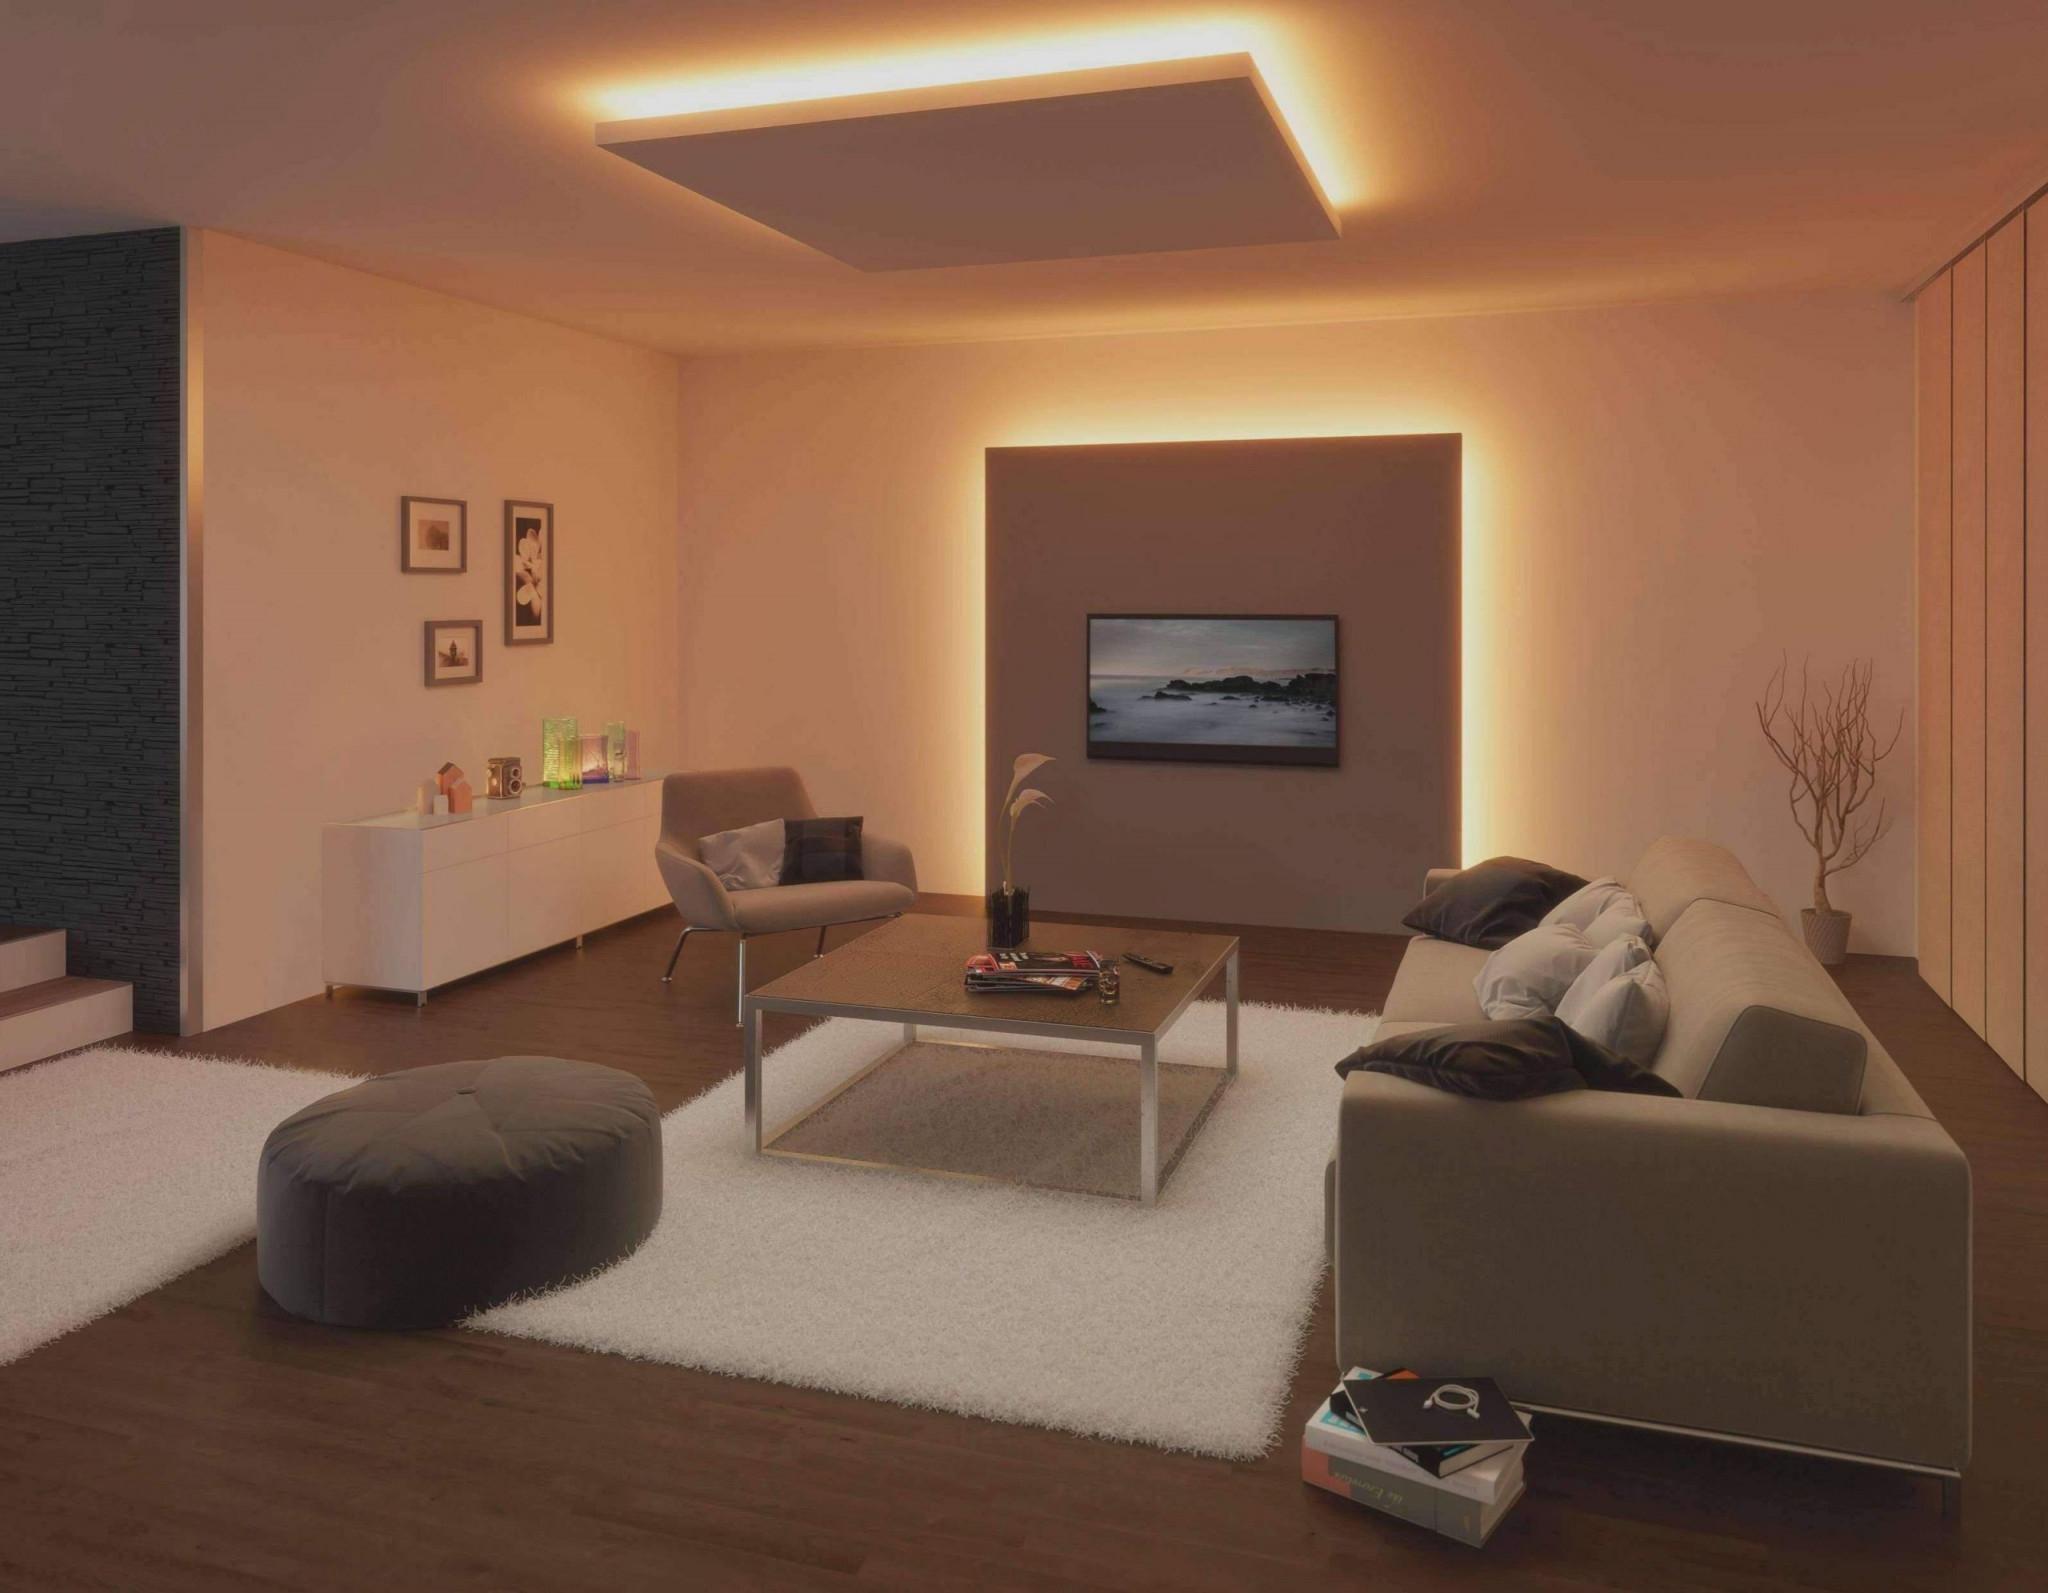 35 Genial Wohnzimmer Leuchte Frisch  Wohnzimmer Frisch von Große Lampe Wohnzimmer Bild